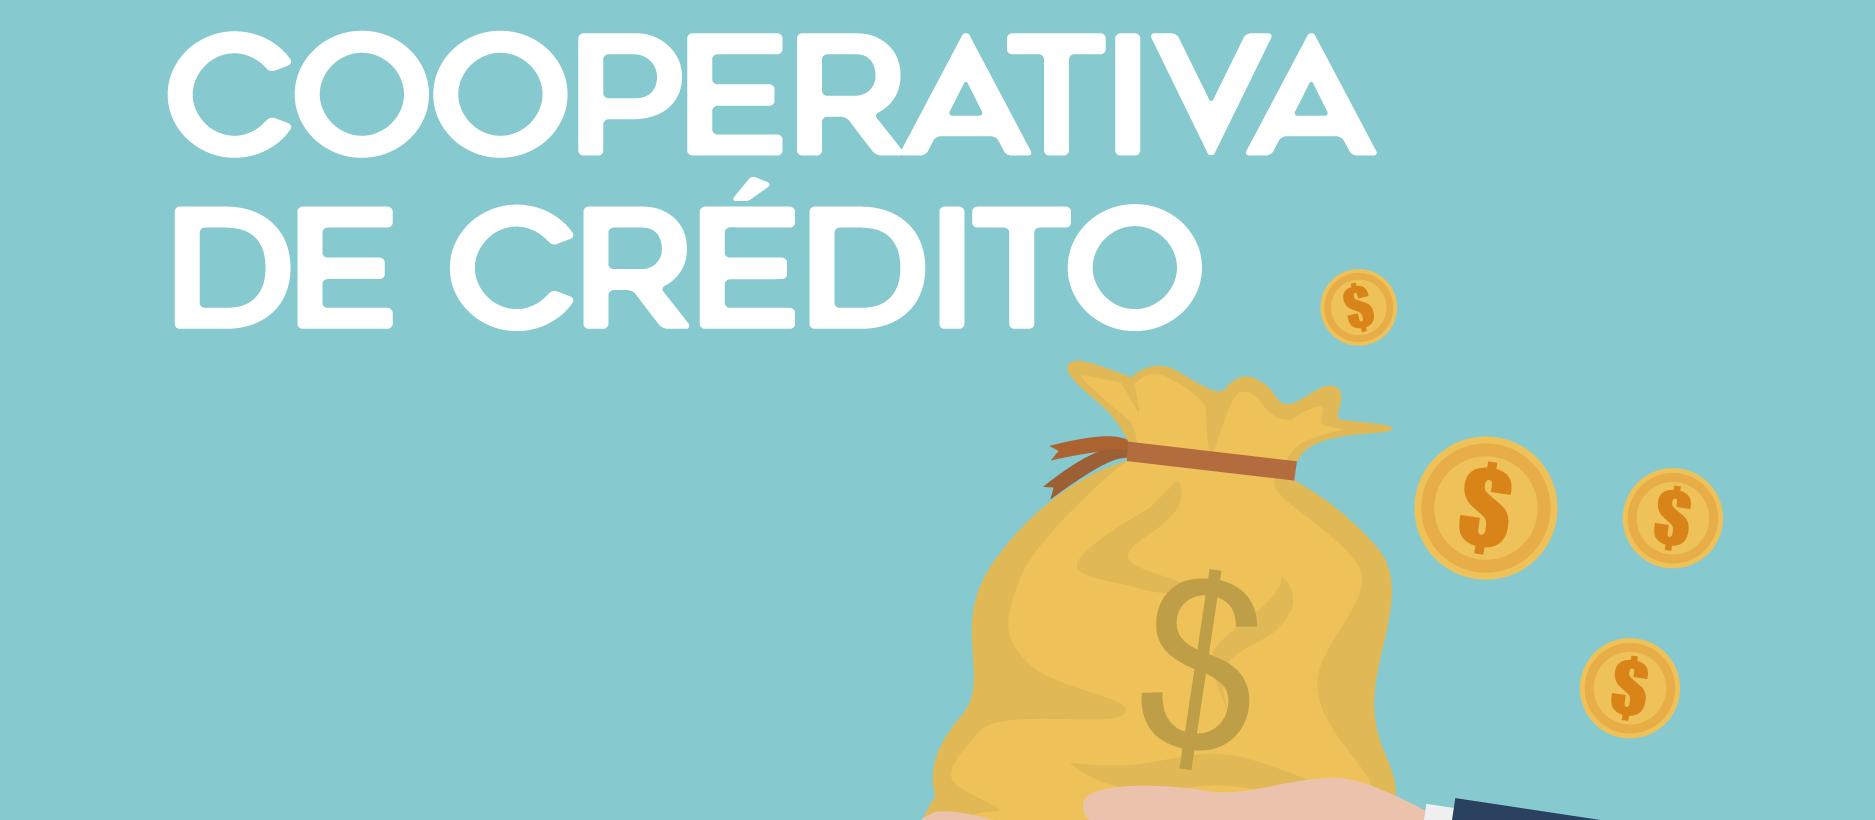 Cooperativas de crédito representam menos de 8% do mercado de crédito do país